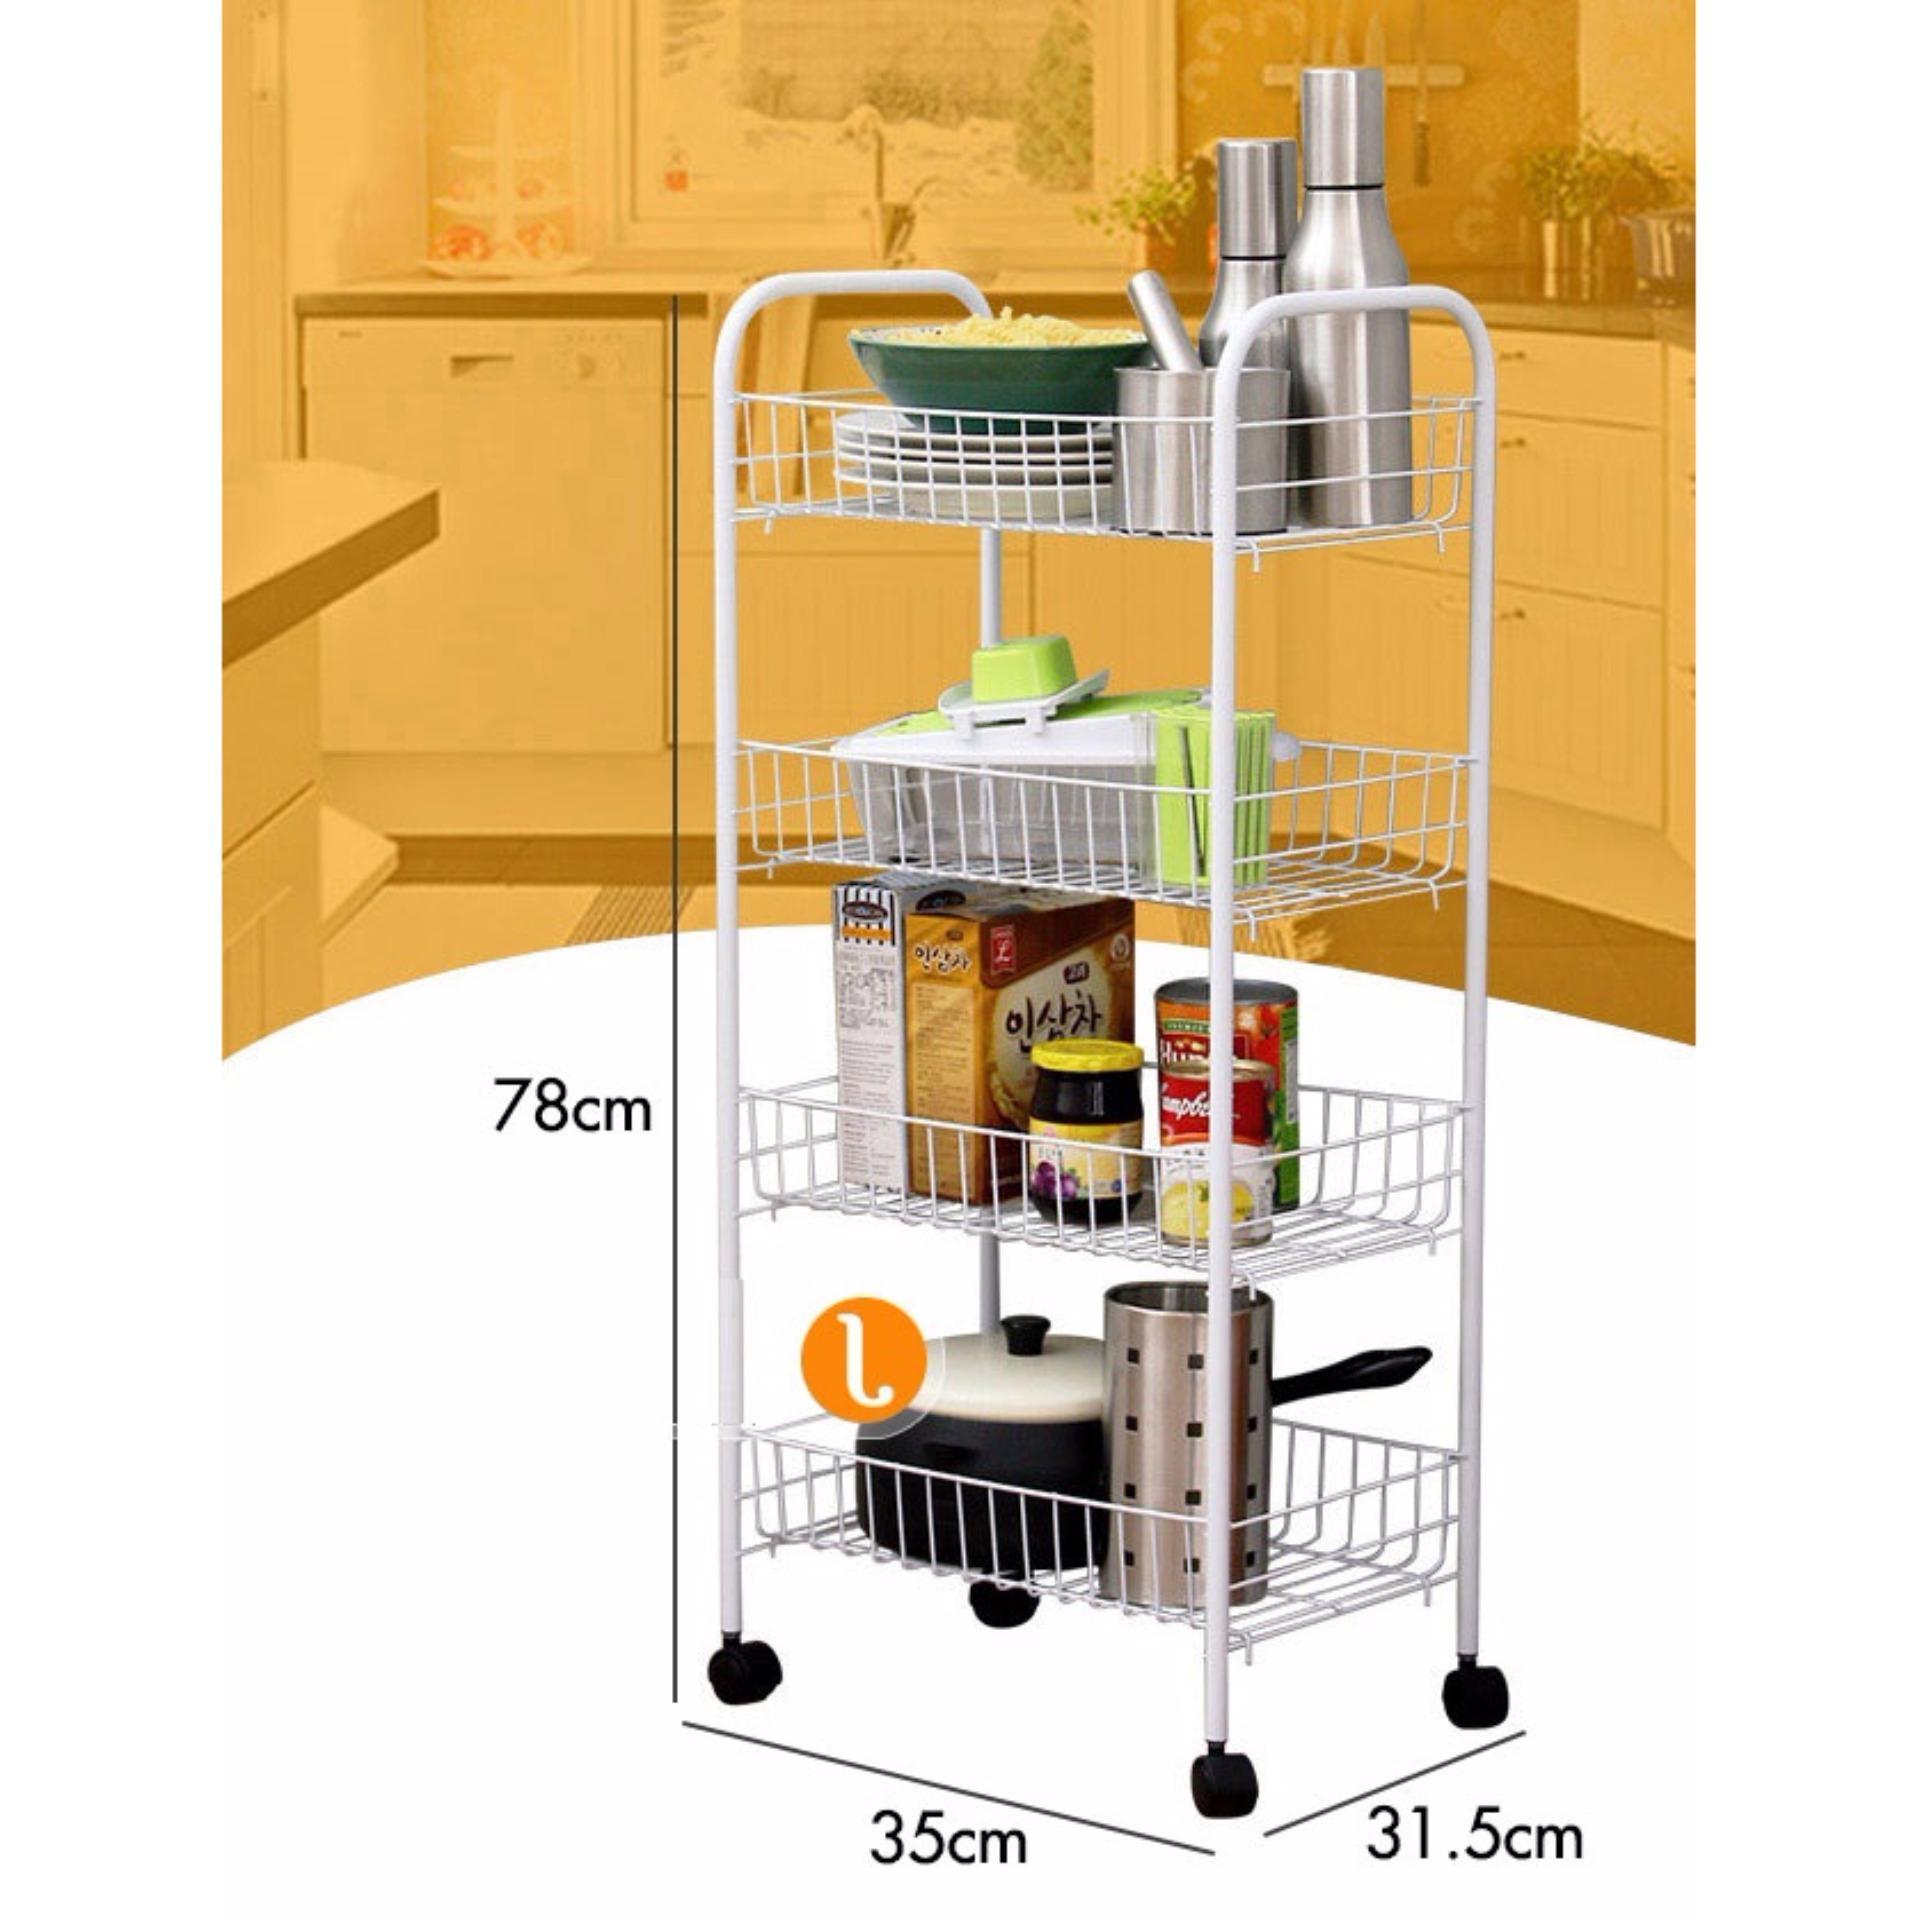 Kệ để đồ nhà bếp 4 tầng đa năng có bánh xe hàng cao cấp